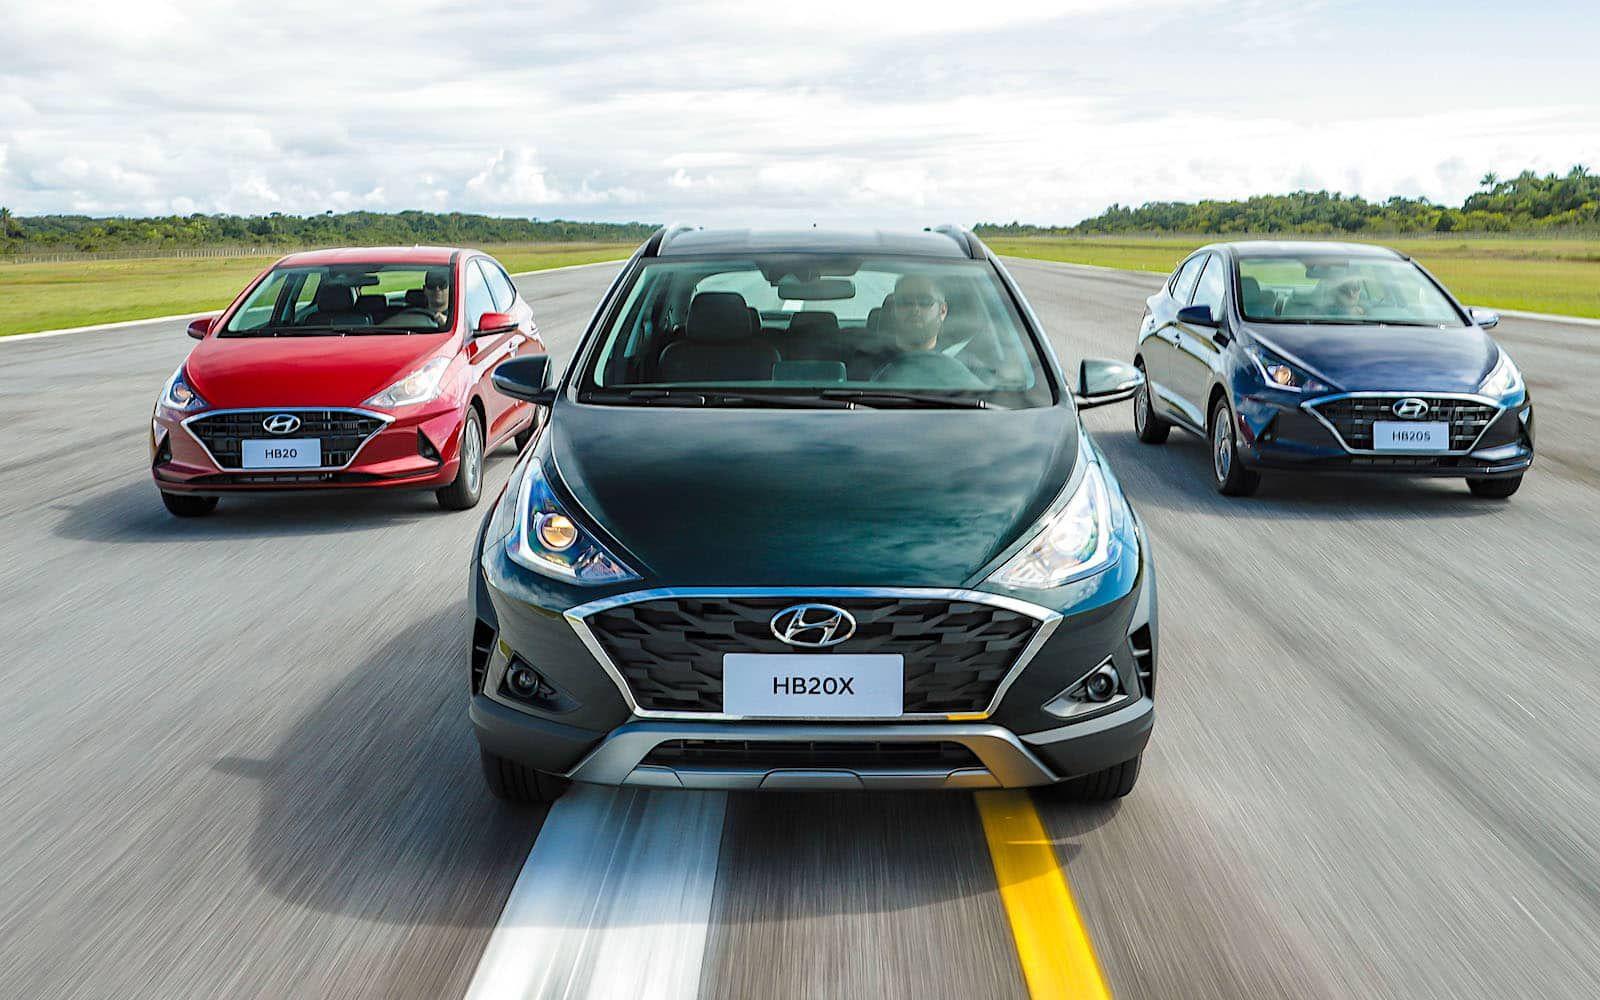 La Nueva Generacion Del Hyundai Hb20 En Todo Detalle Fotos De